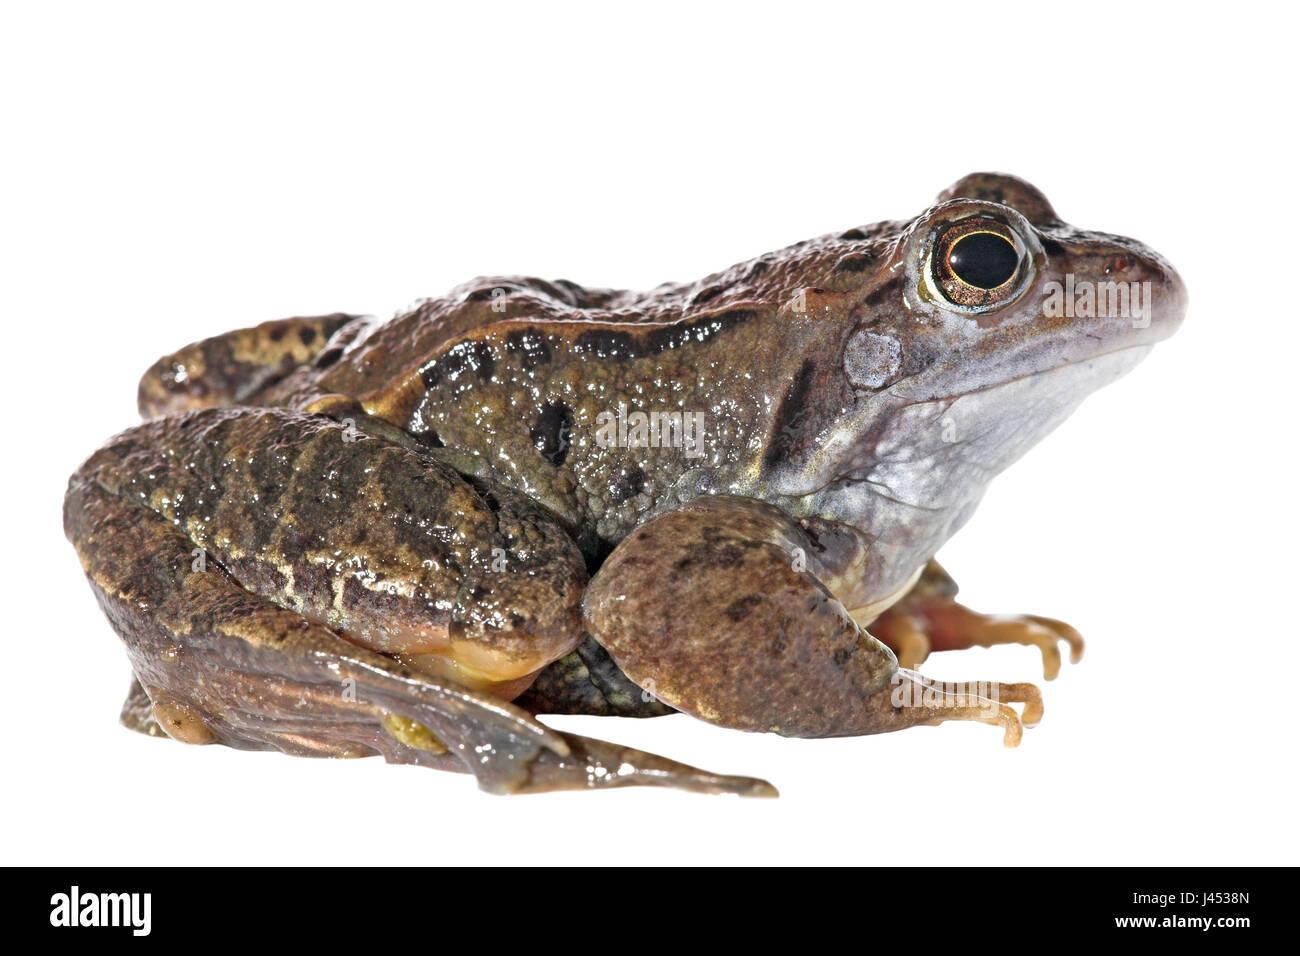 Moor frog contro uno sfondo bianco (resa) Immagini Stock